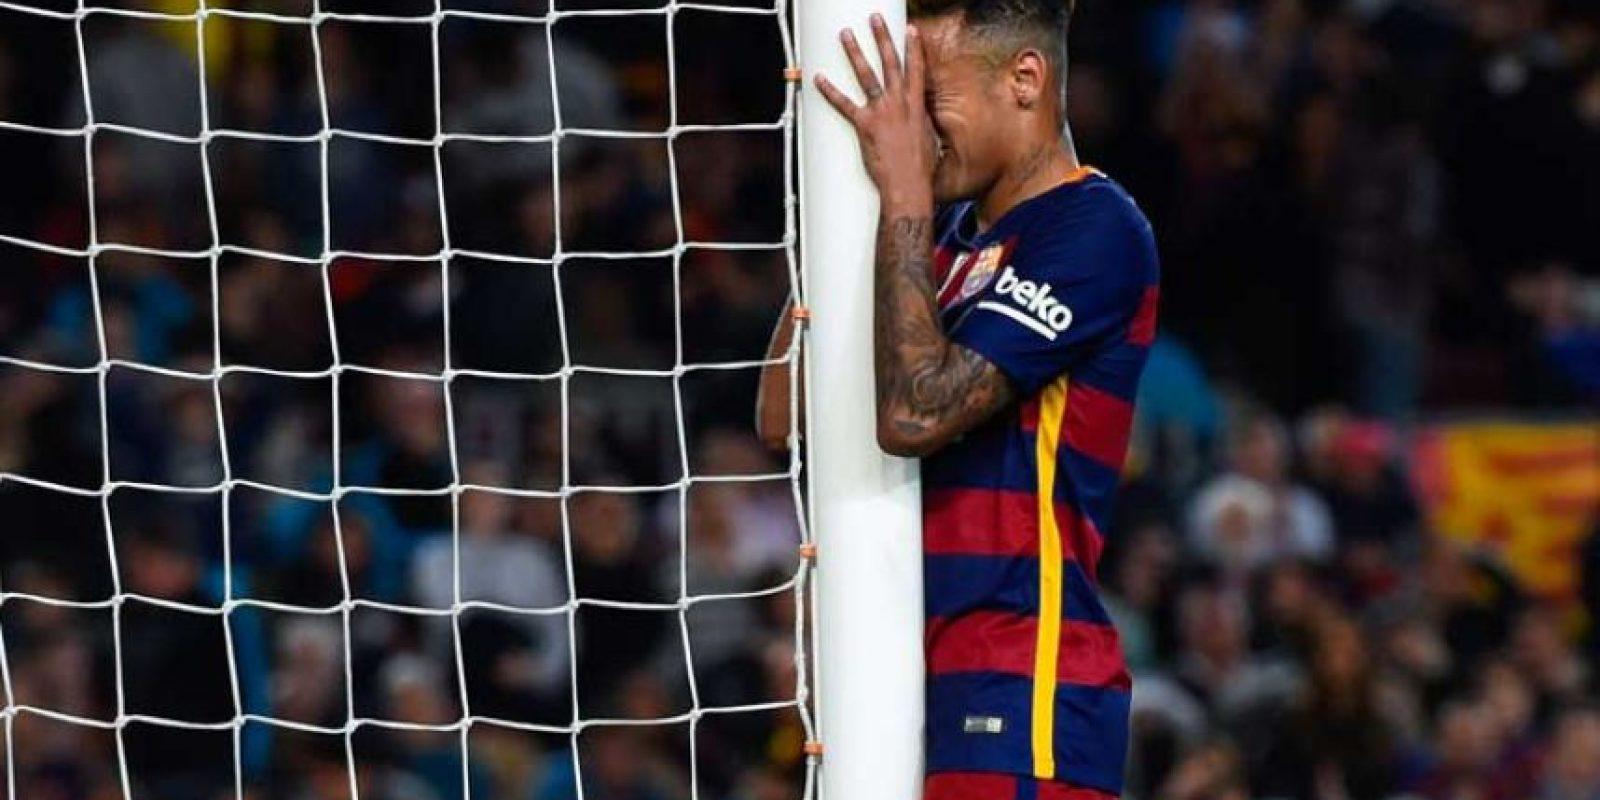 En 2016, el Neymar espectacular del arranque de la campaña se perdió. Este 2016, el jugador ha sido visto de fiesta en fiesta y su nivel ha disminuido drásticamente. Foto:Getty Images